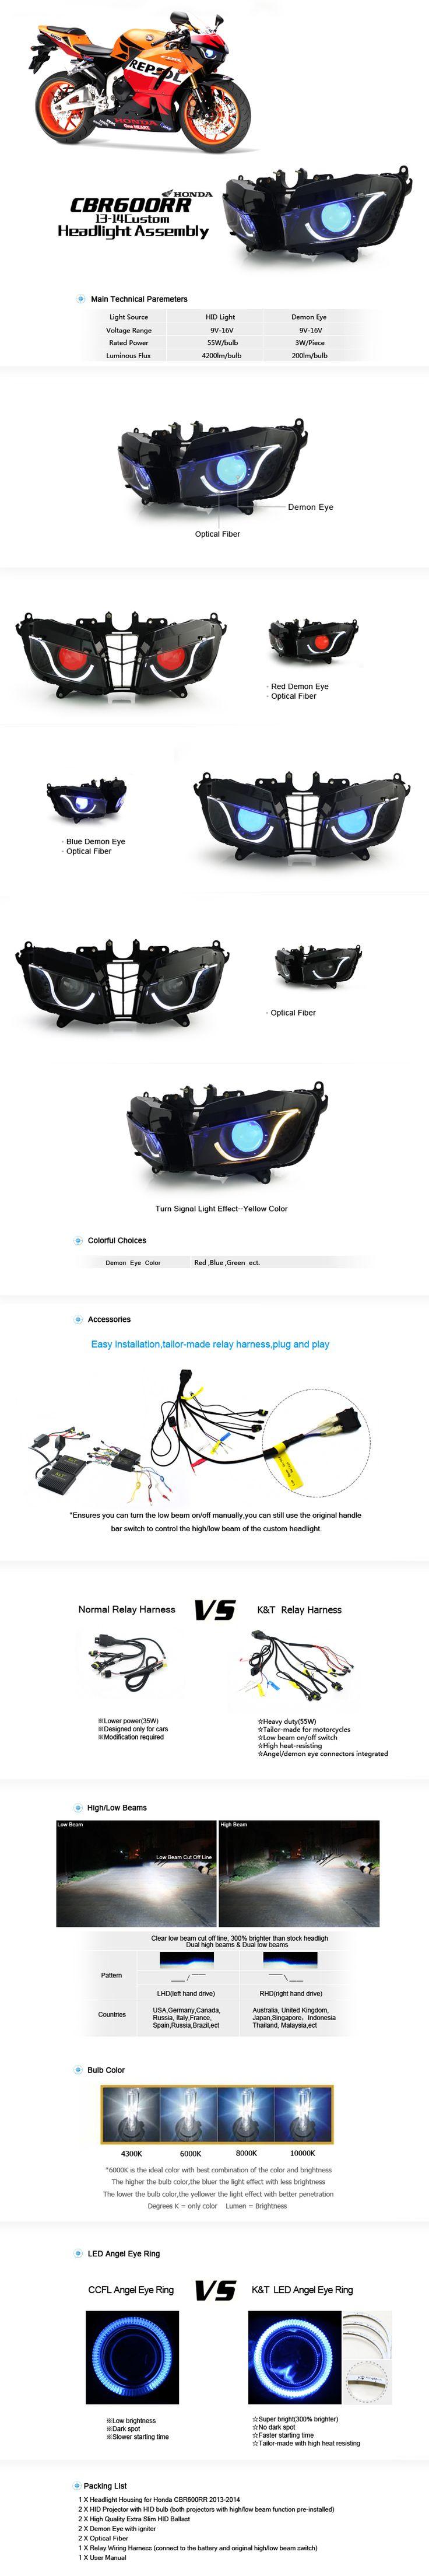 Honda CBR600RR HID Projectors Headlight Assembly V1 2013-2014 http://www.ktmotorcycle.com/custom-headlights/honda-custom-headlights/honda-cbr600rr/honda-cbr600rr-hid-projectors-headlight-assembly-v2-2013-2014.html